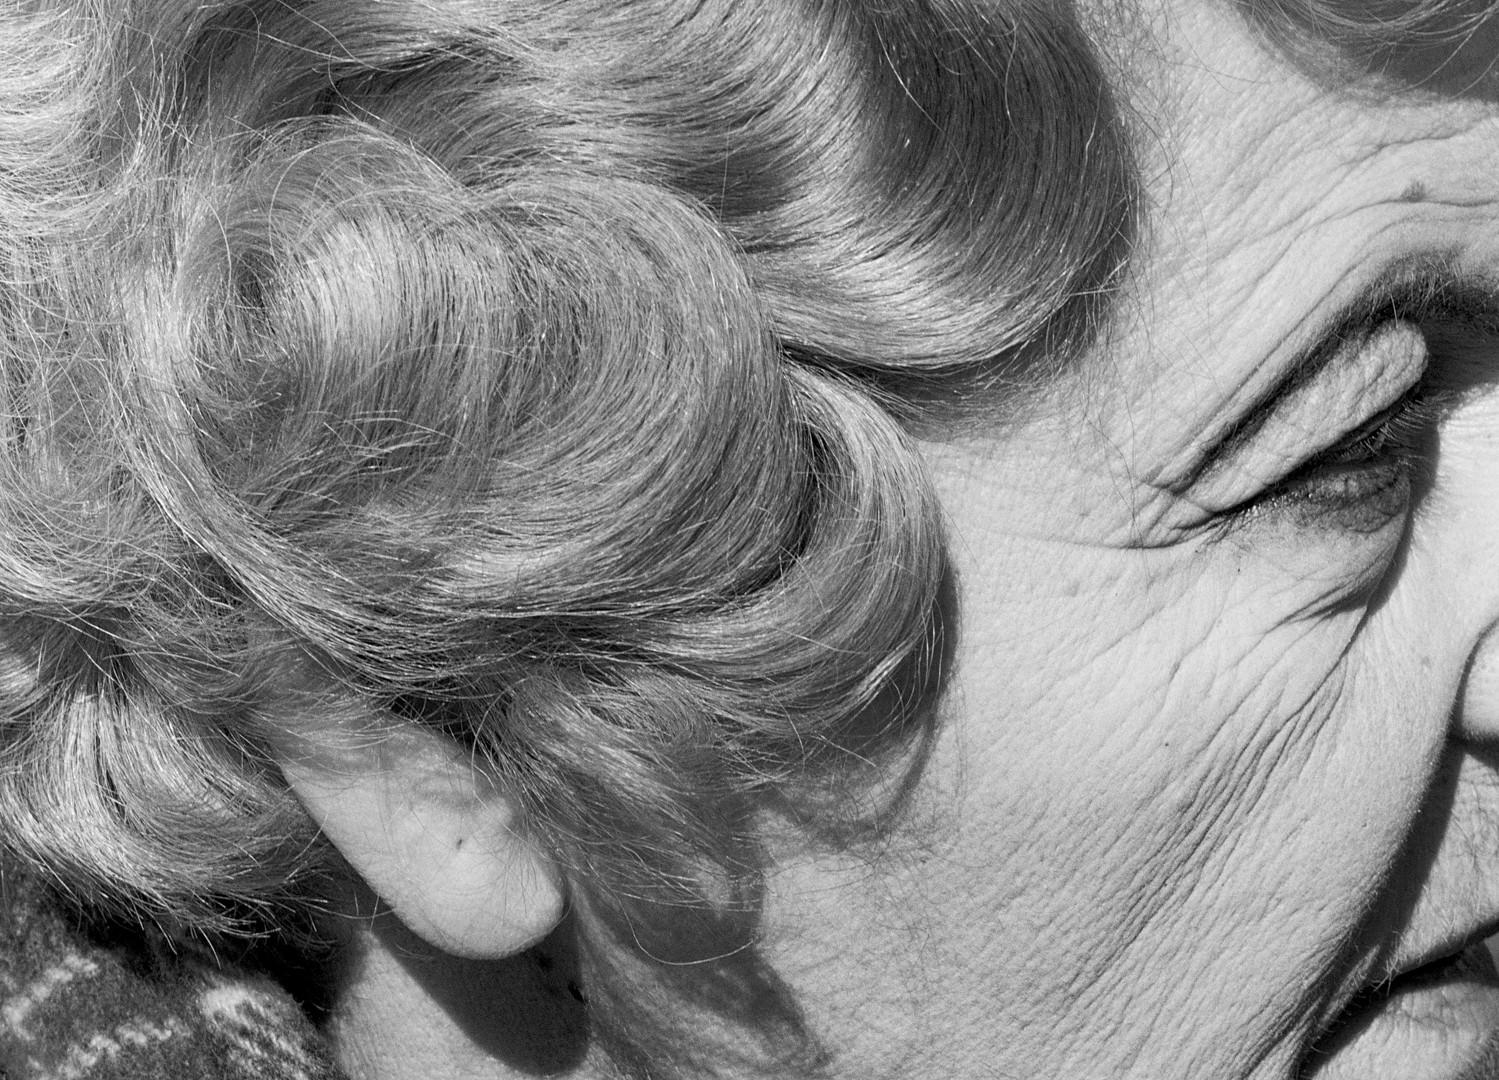 David Goldblatt, Woman with pierced ear, Joubert Park, Johannesburg, 1975